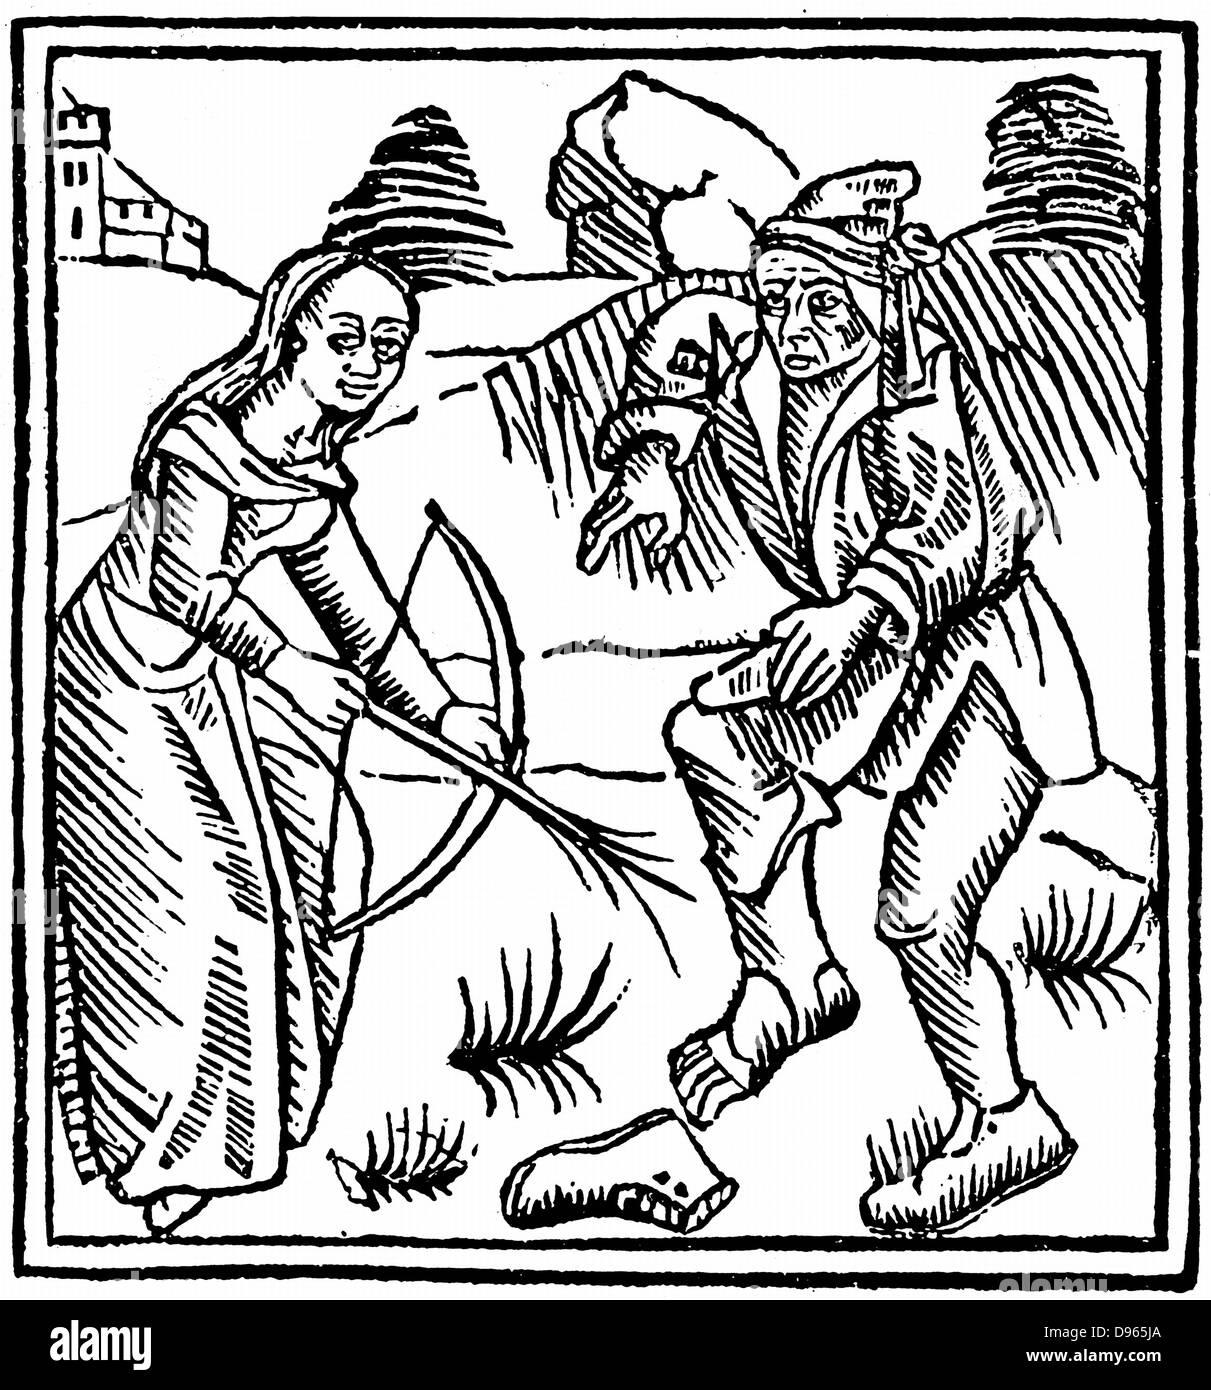 Hexe-shooting einen Mann in den Fuß mit einem verzauberten Pfeil aus Hasel Zauberstab gemacht. Von Ulrich Molitor Stockbild